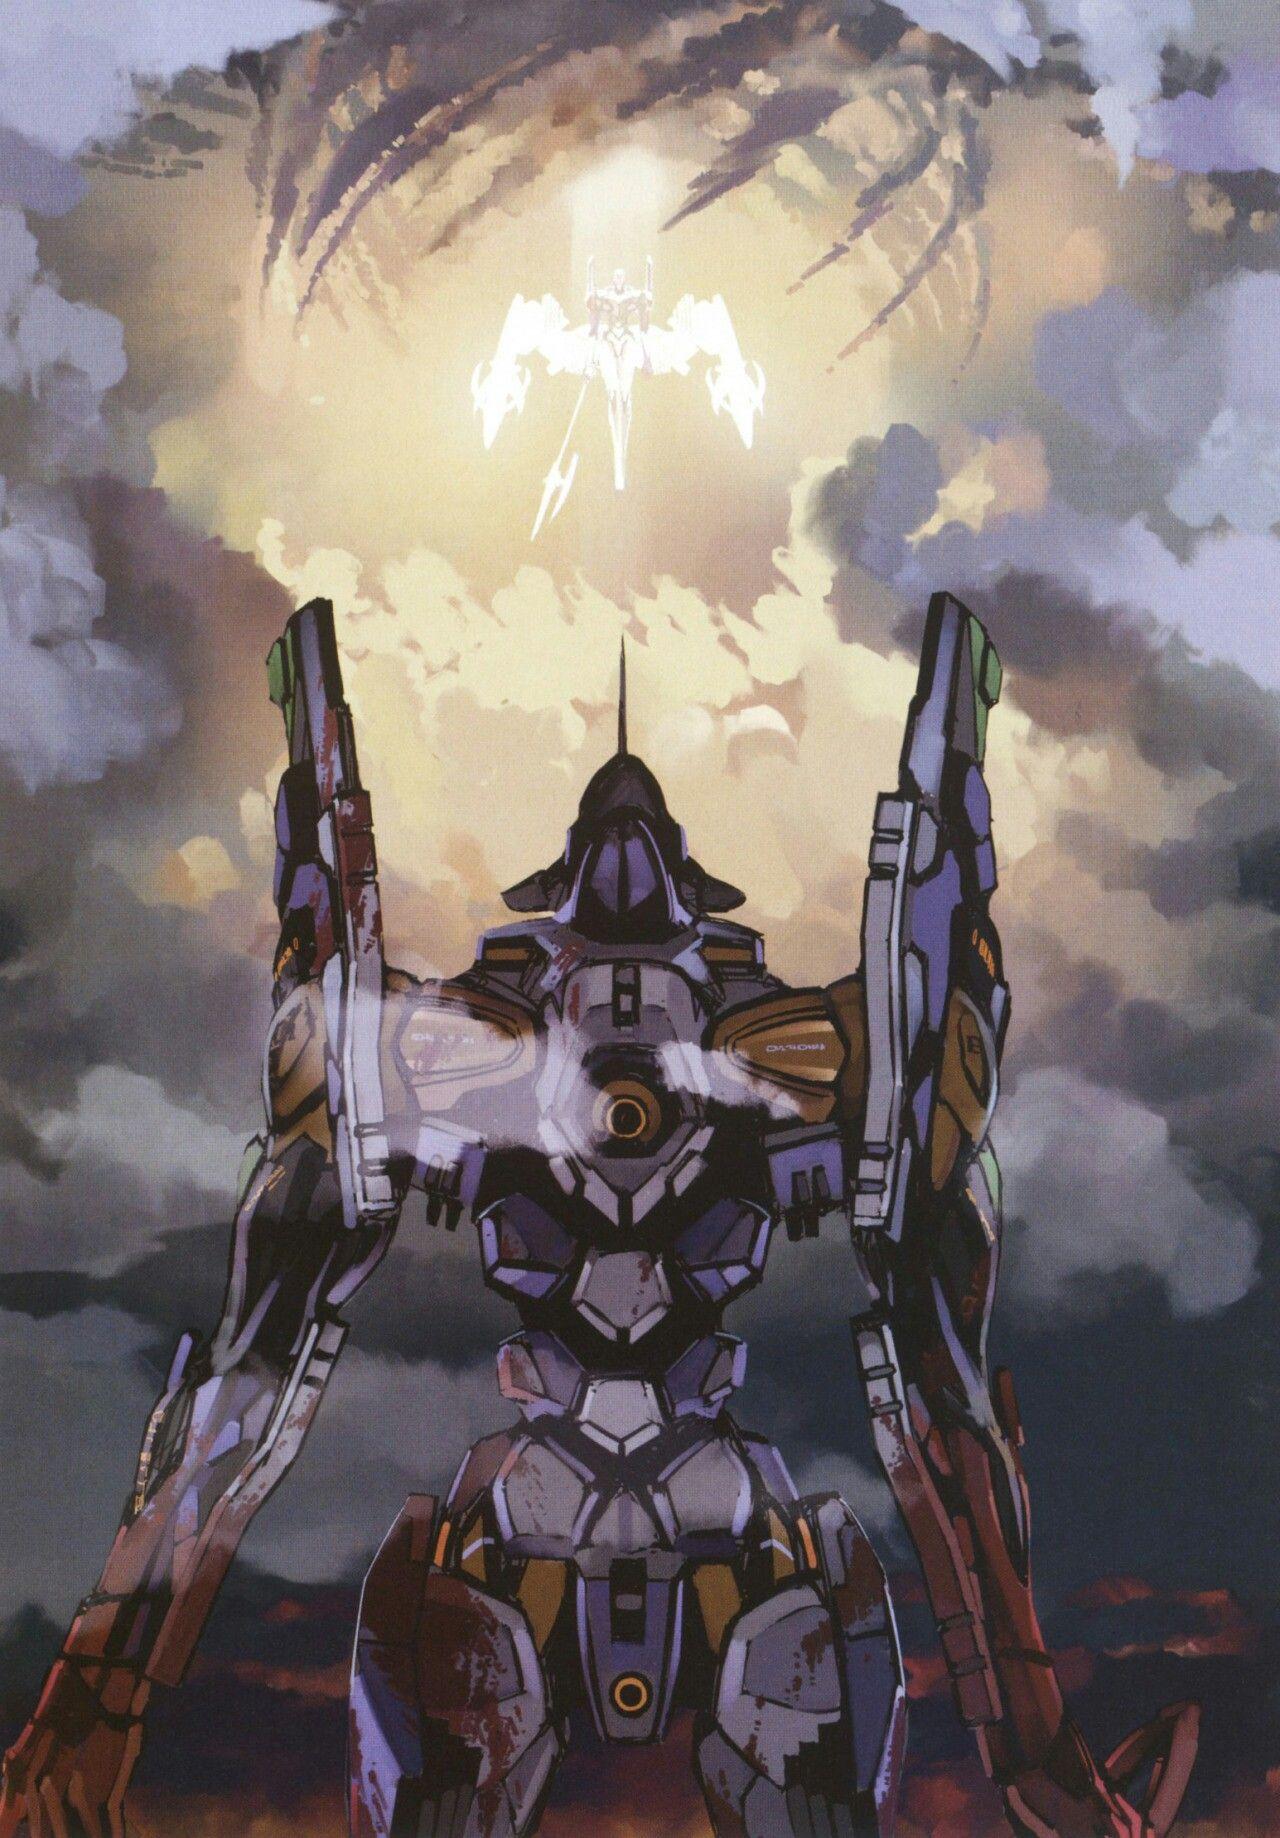 Eva 01 fan art neon genesis evangelion 39 s best fan art - Evageeks forum ...